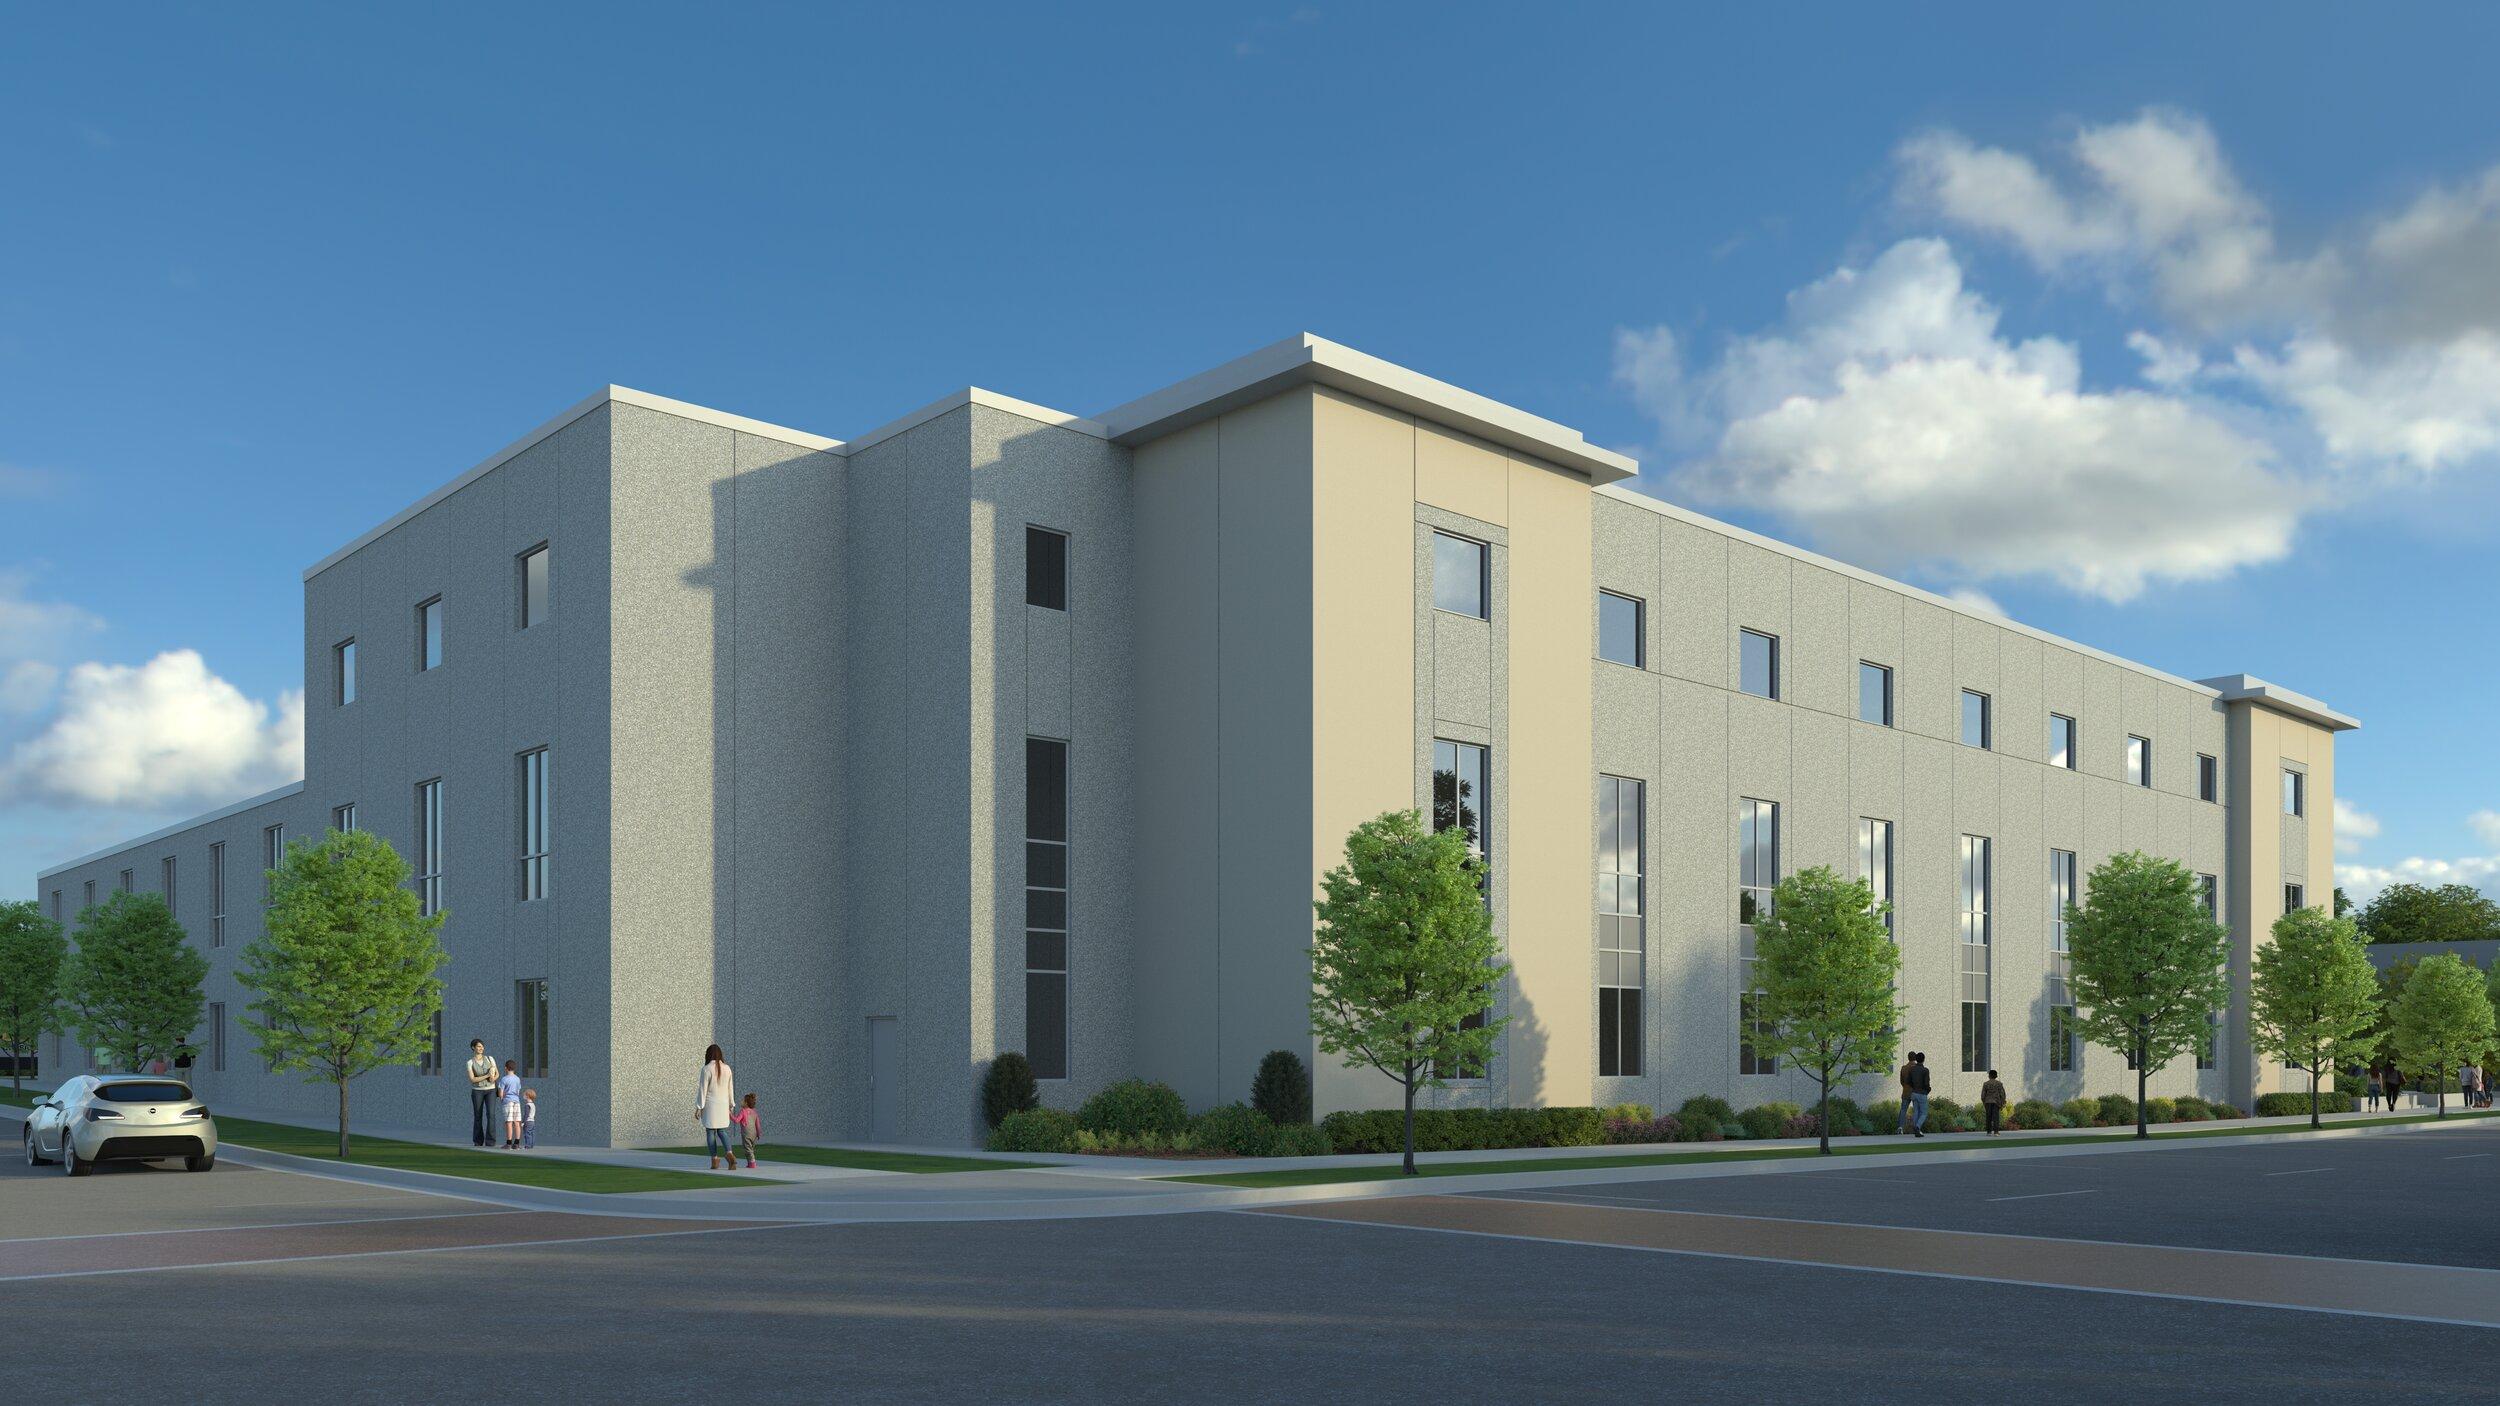 Minneapolis Public Schools Calendar 2022 2023.New Facility 2022 St Paul City Schools